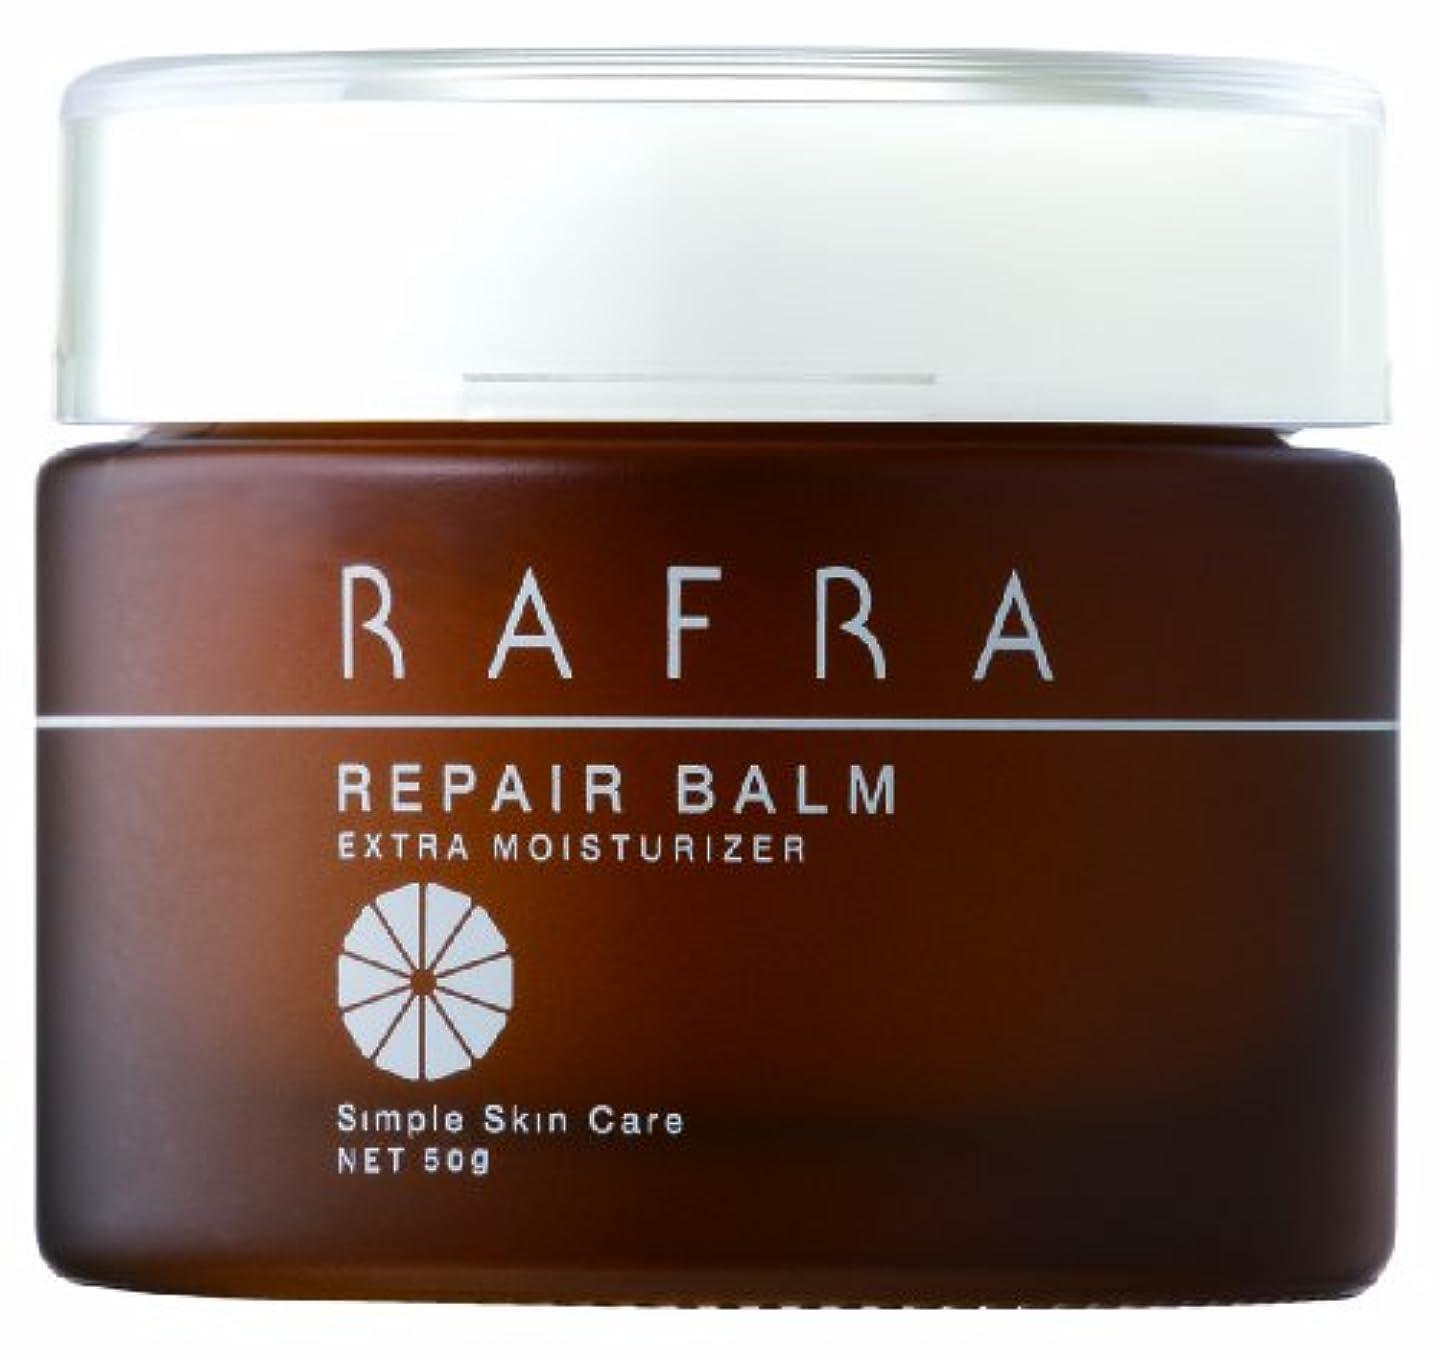 ラフラ リペアバーム 50g (多機能な濃厚保湿バーム) [乾燥が止まらない肌に]